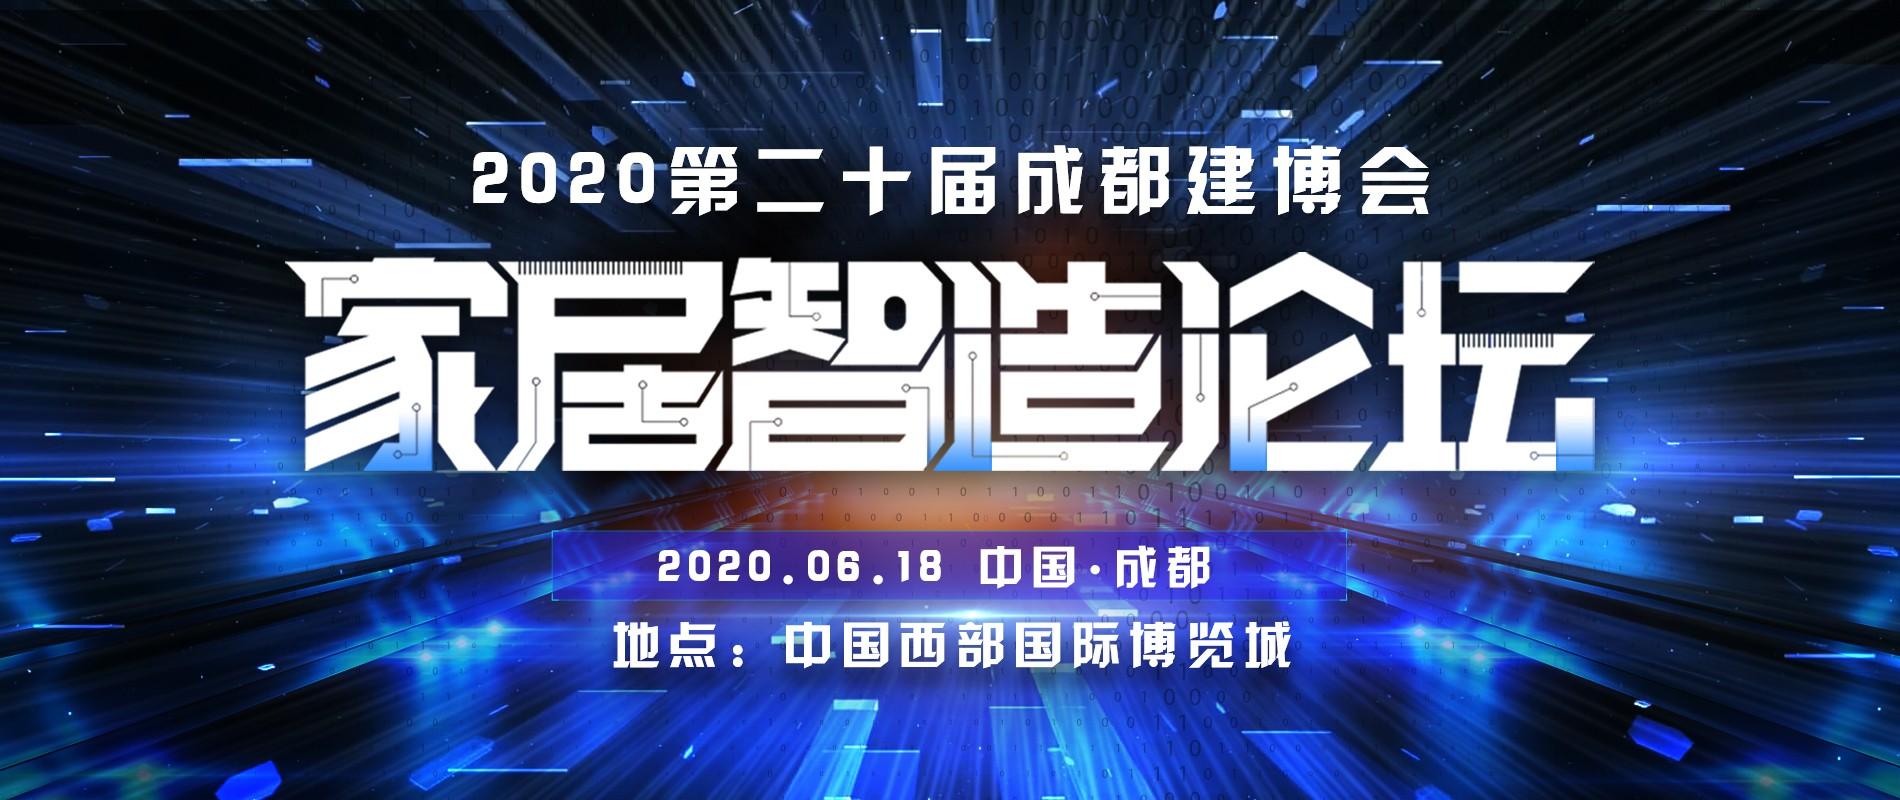 第二十届成都必威网页会同期活动——家居智造论坛